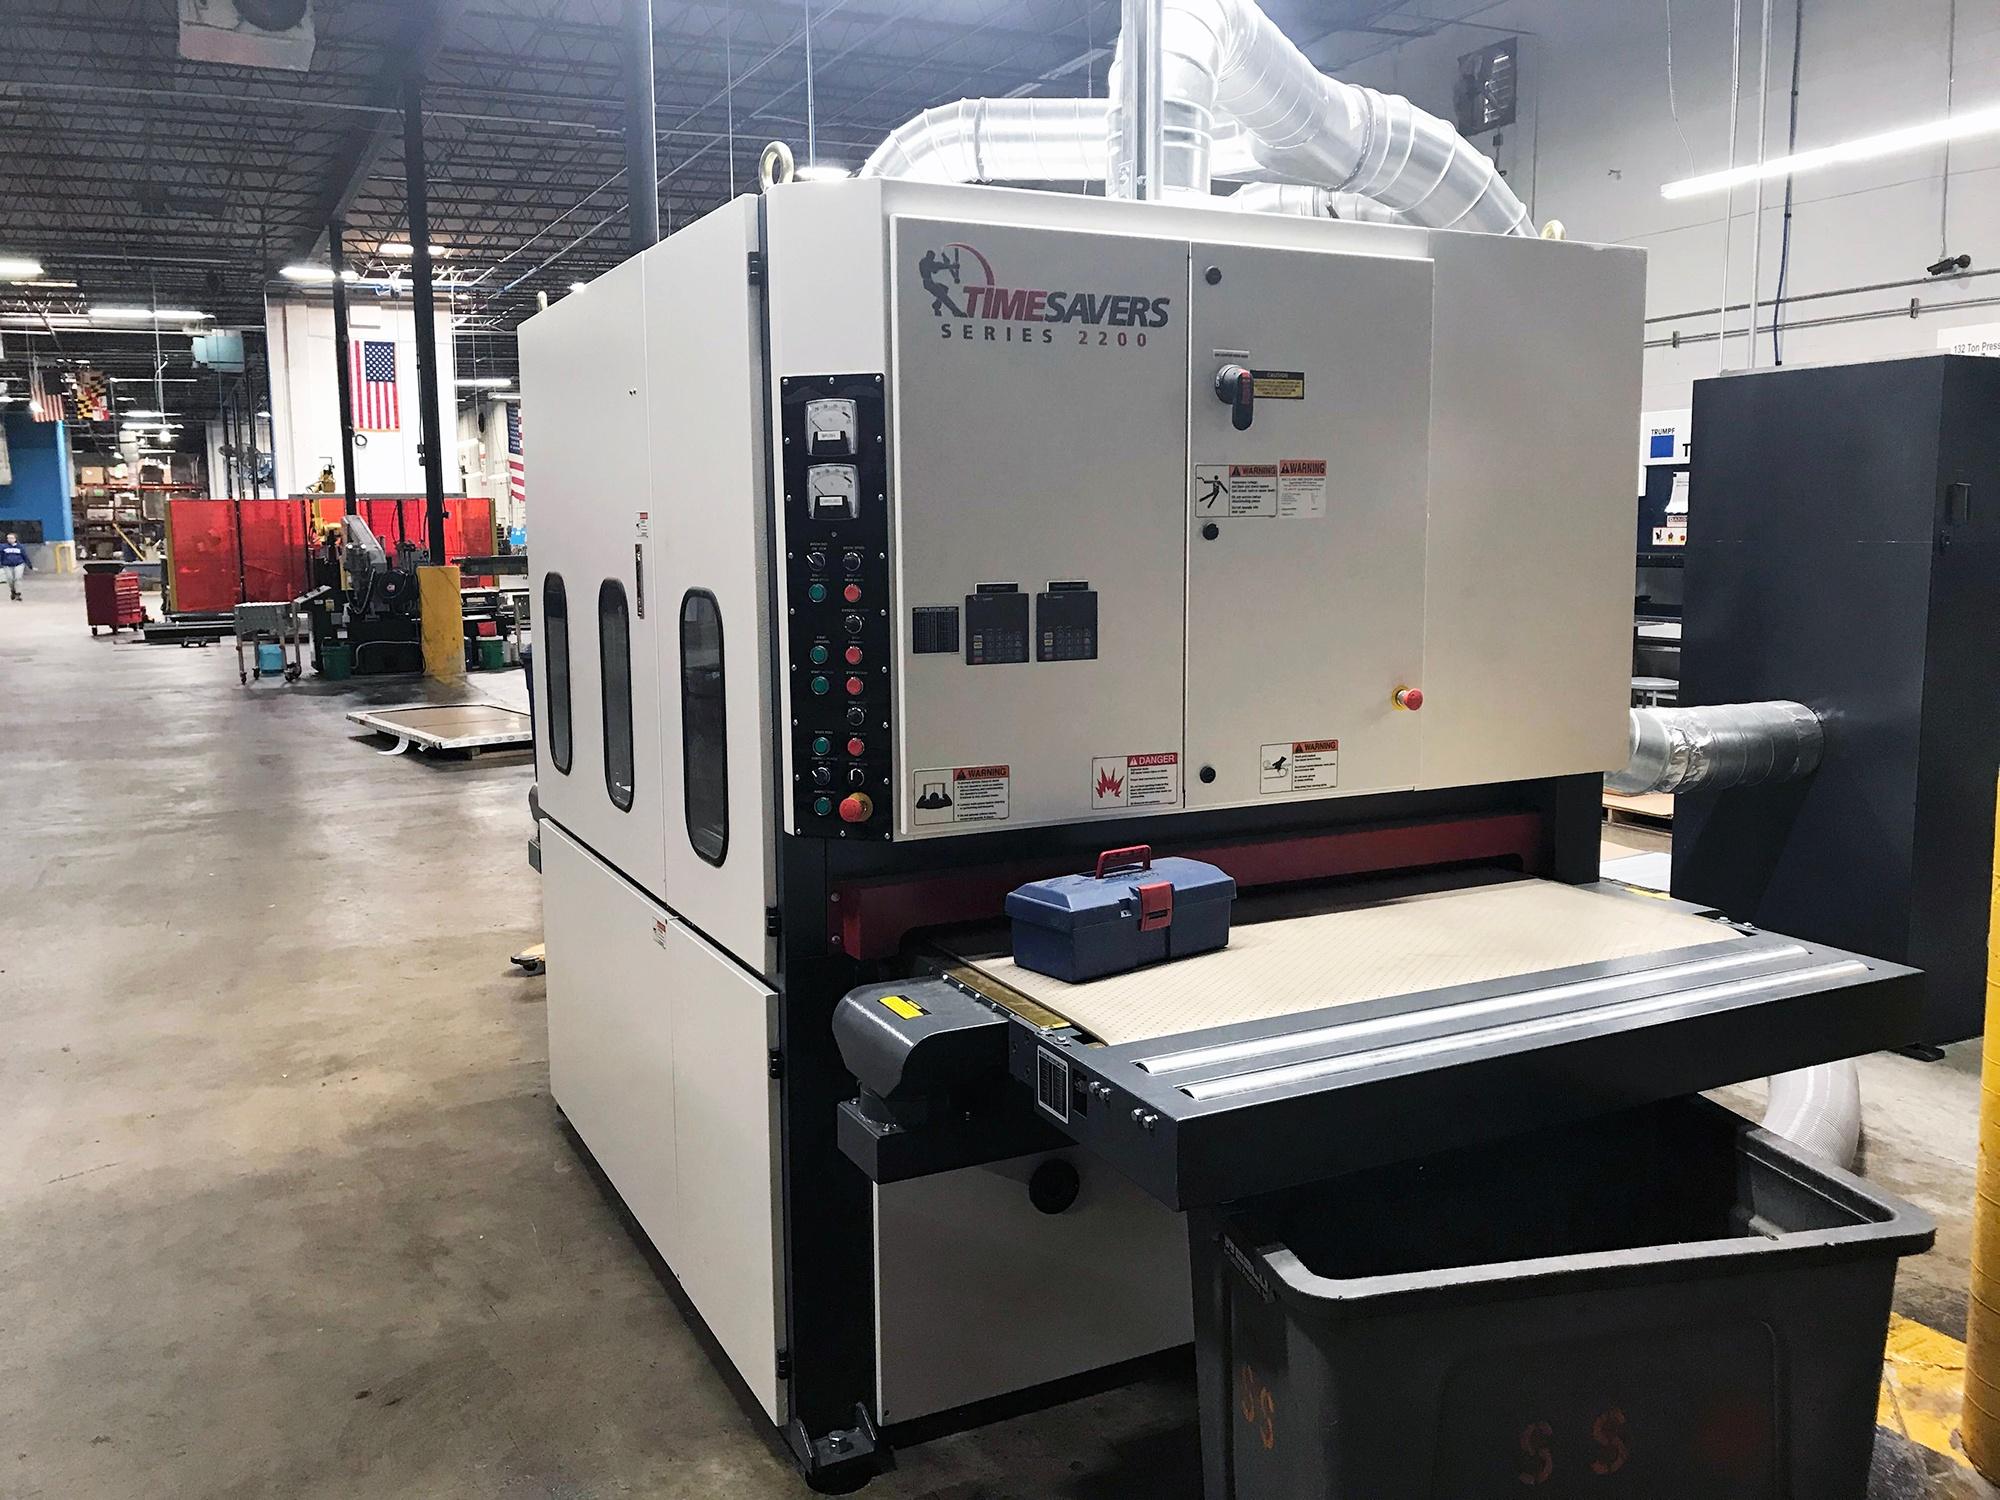 Marlin Steel Adds Timesavers 2200 Series Deburring Machine